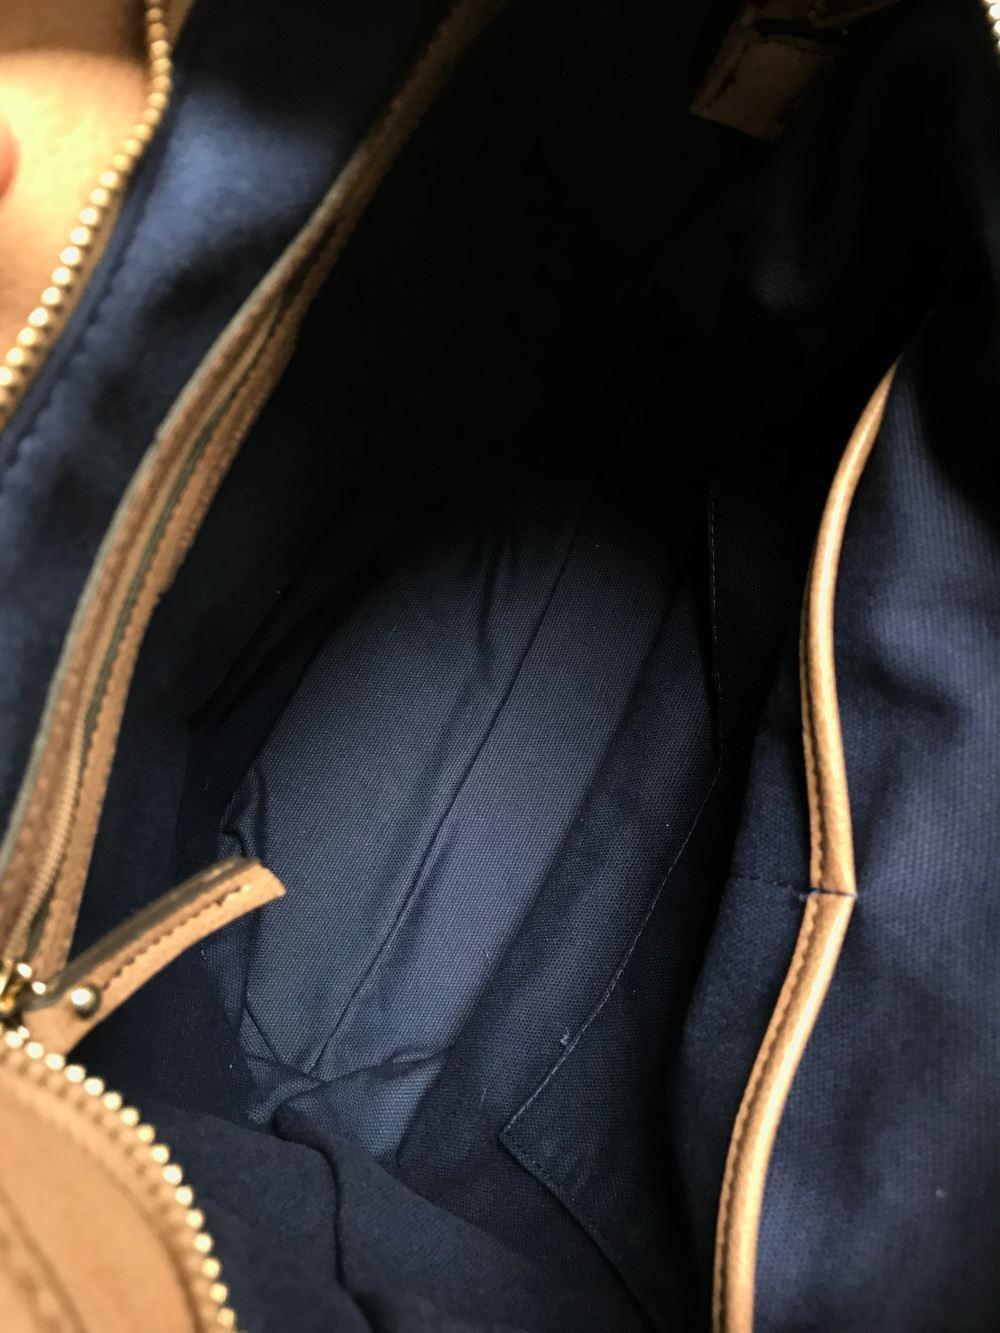 More & More More More LUCY Handtasche Henkeltasche Shopper Camel 50223-7400 | Sehr gelobt und vom Publikum der Verbraucher geschätzt  | Elegant Und Würdevoll  | New Product 2019  203aed